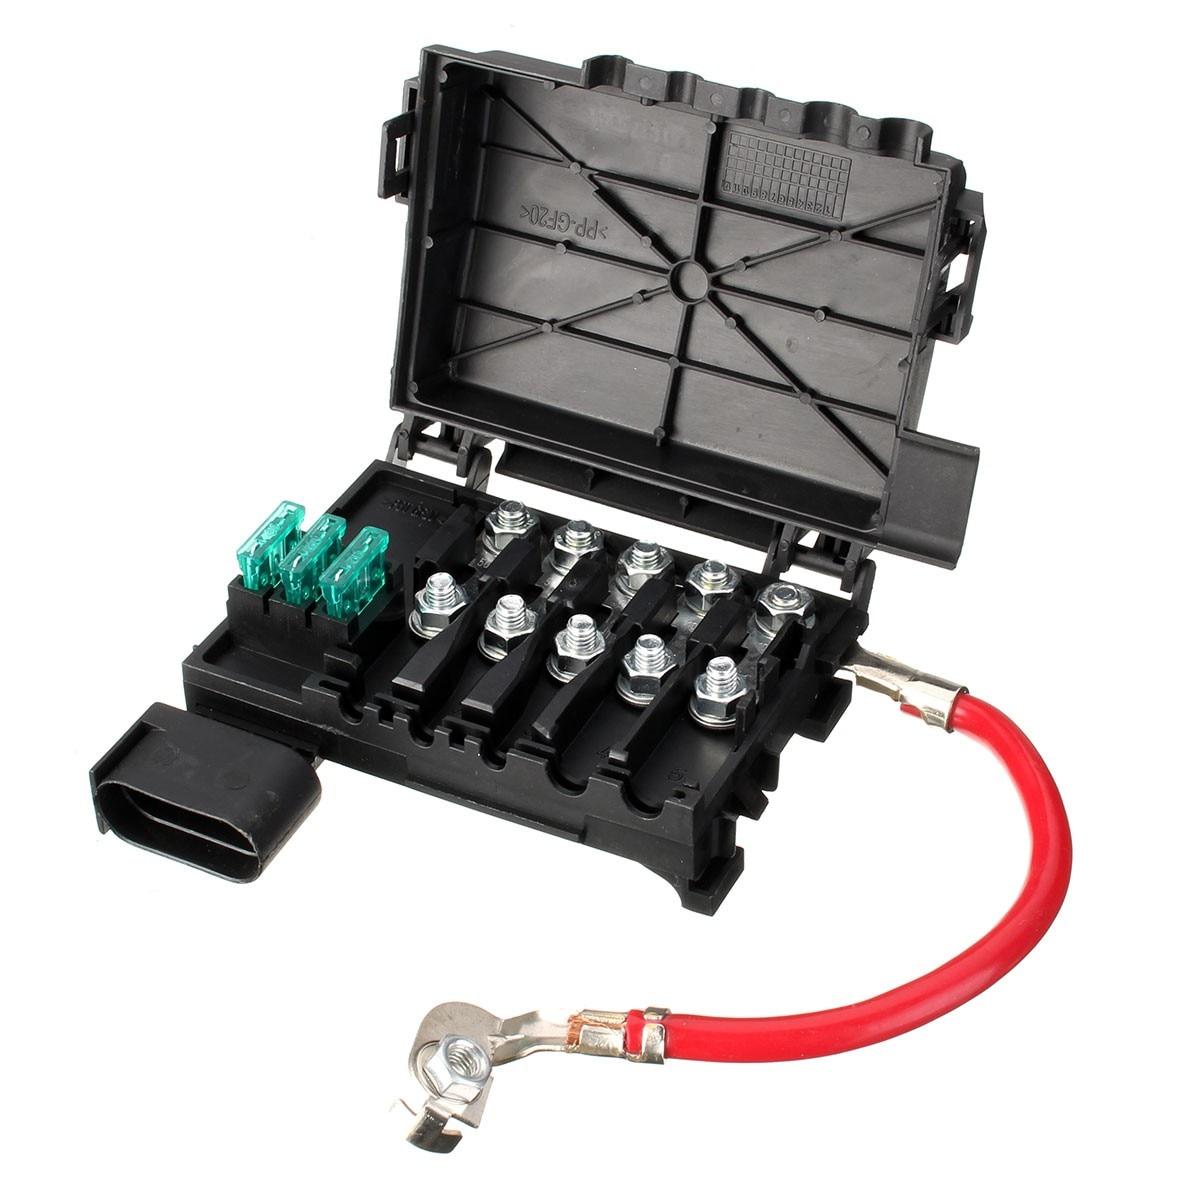 Nueva caja de fusibles para VW Beetle/Golf/Jetta 1J0937617D 1J0937550 1J0937550AA 1J0937550AB